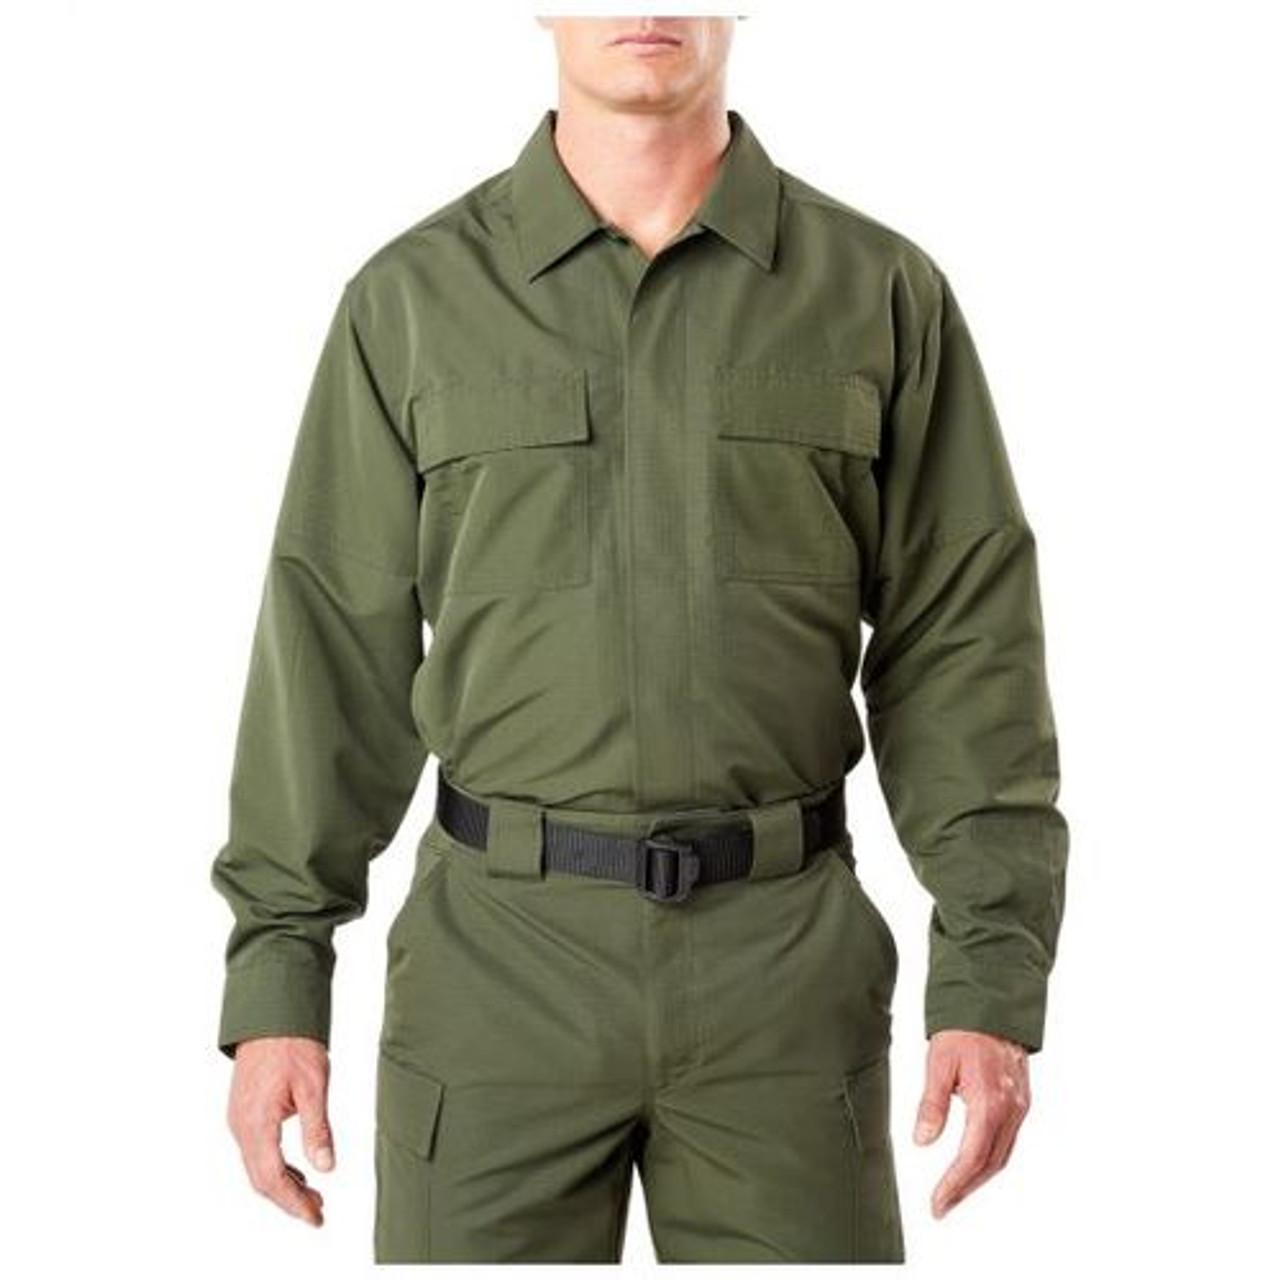 a31b114e76d1f 5.11 Tactical 72465 Fast-Tac TDU Long Sleeve